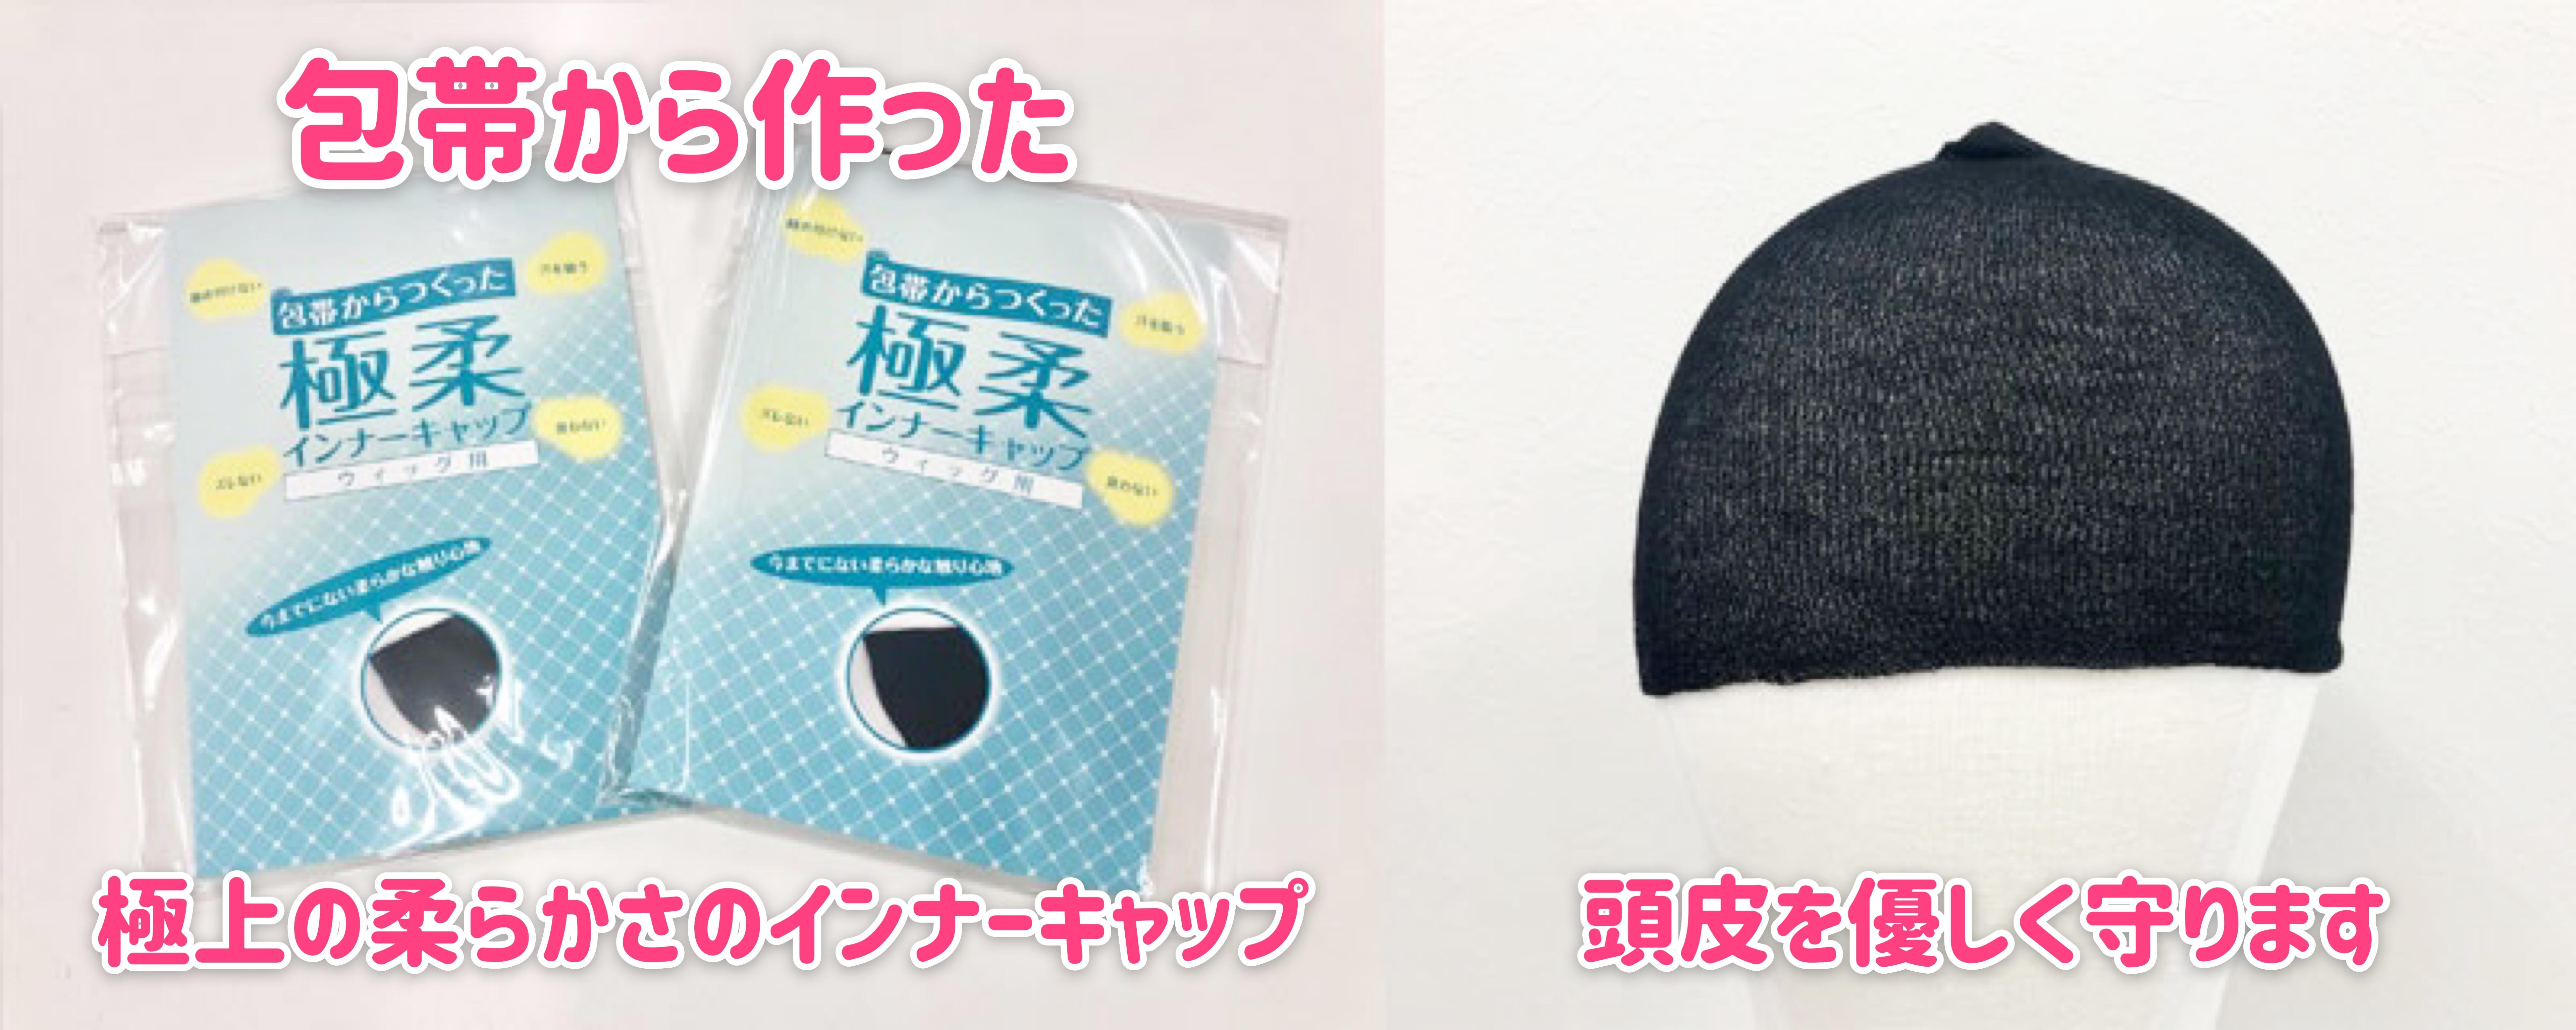 頭皮に優しい包帯でできたインナーキャップ